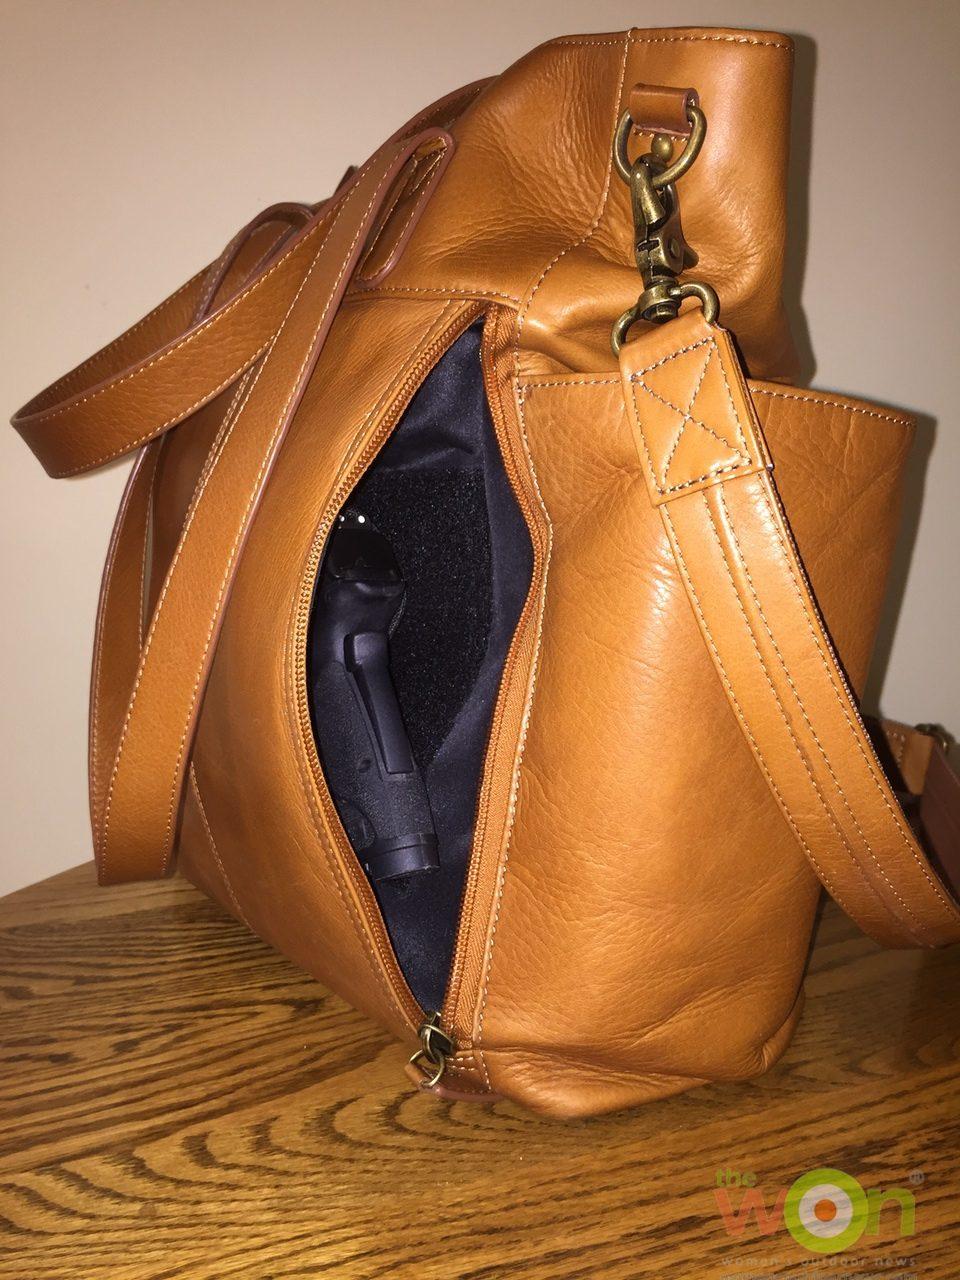 Gun Tote N Mamas Leather Chic Diaper Bag